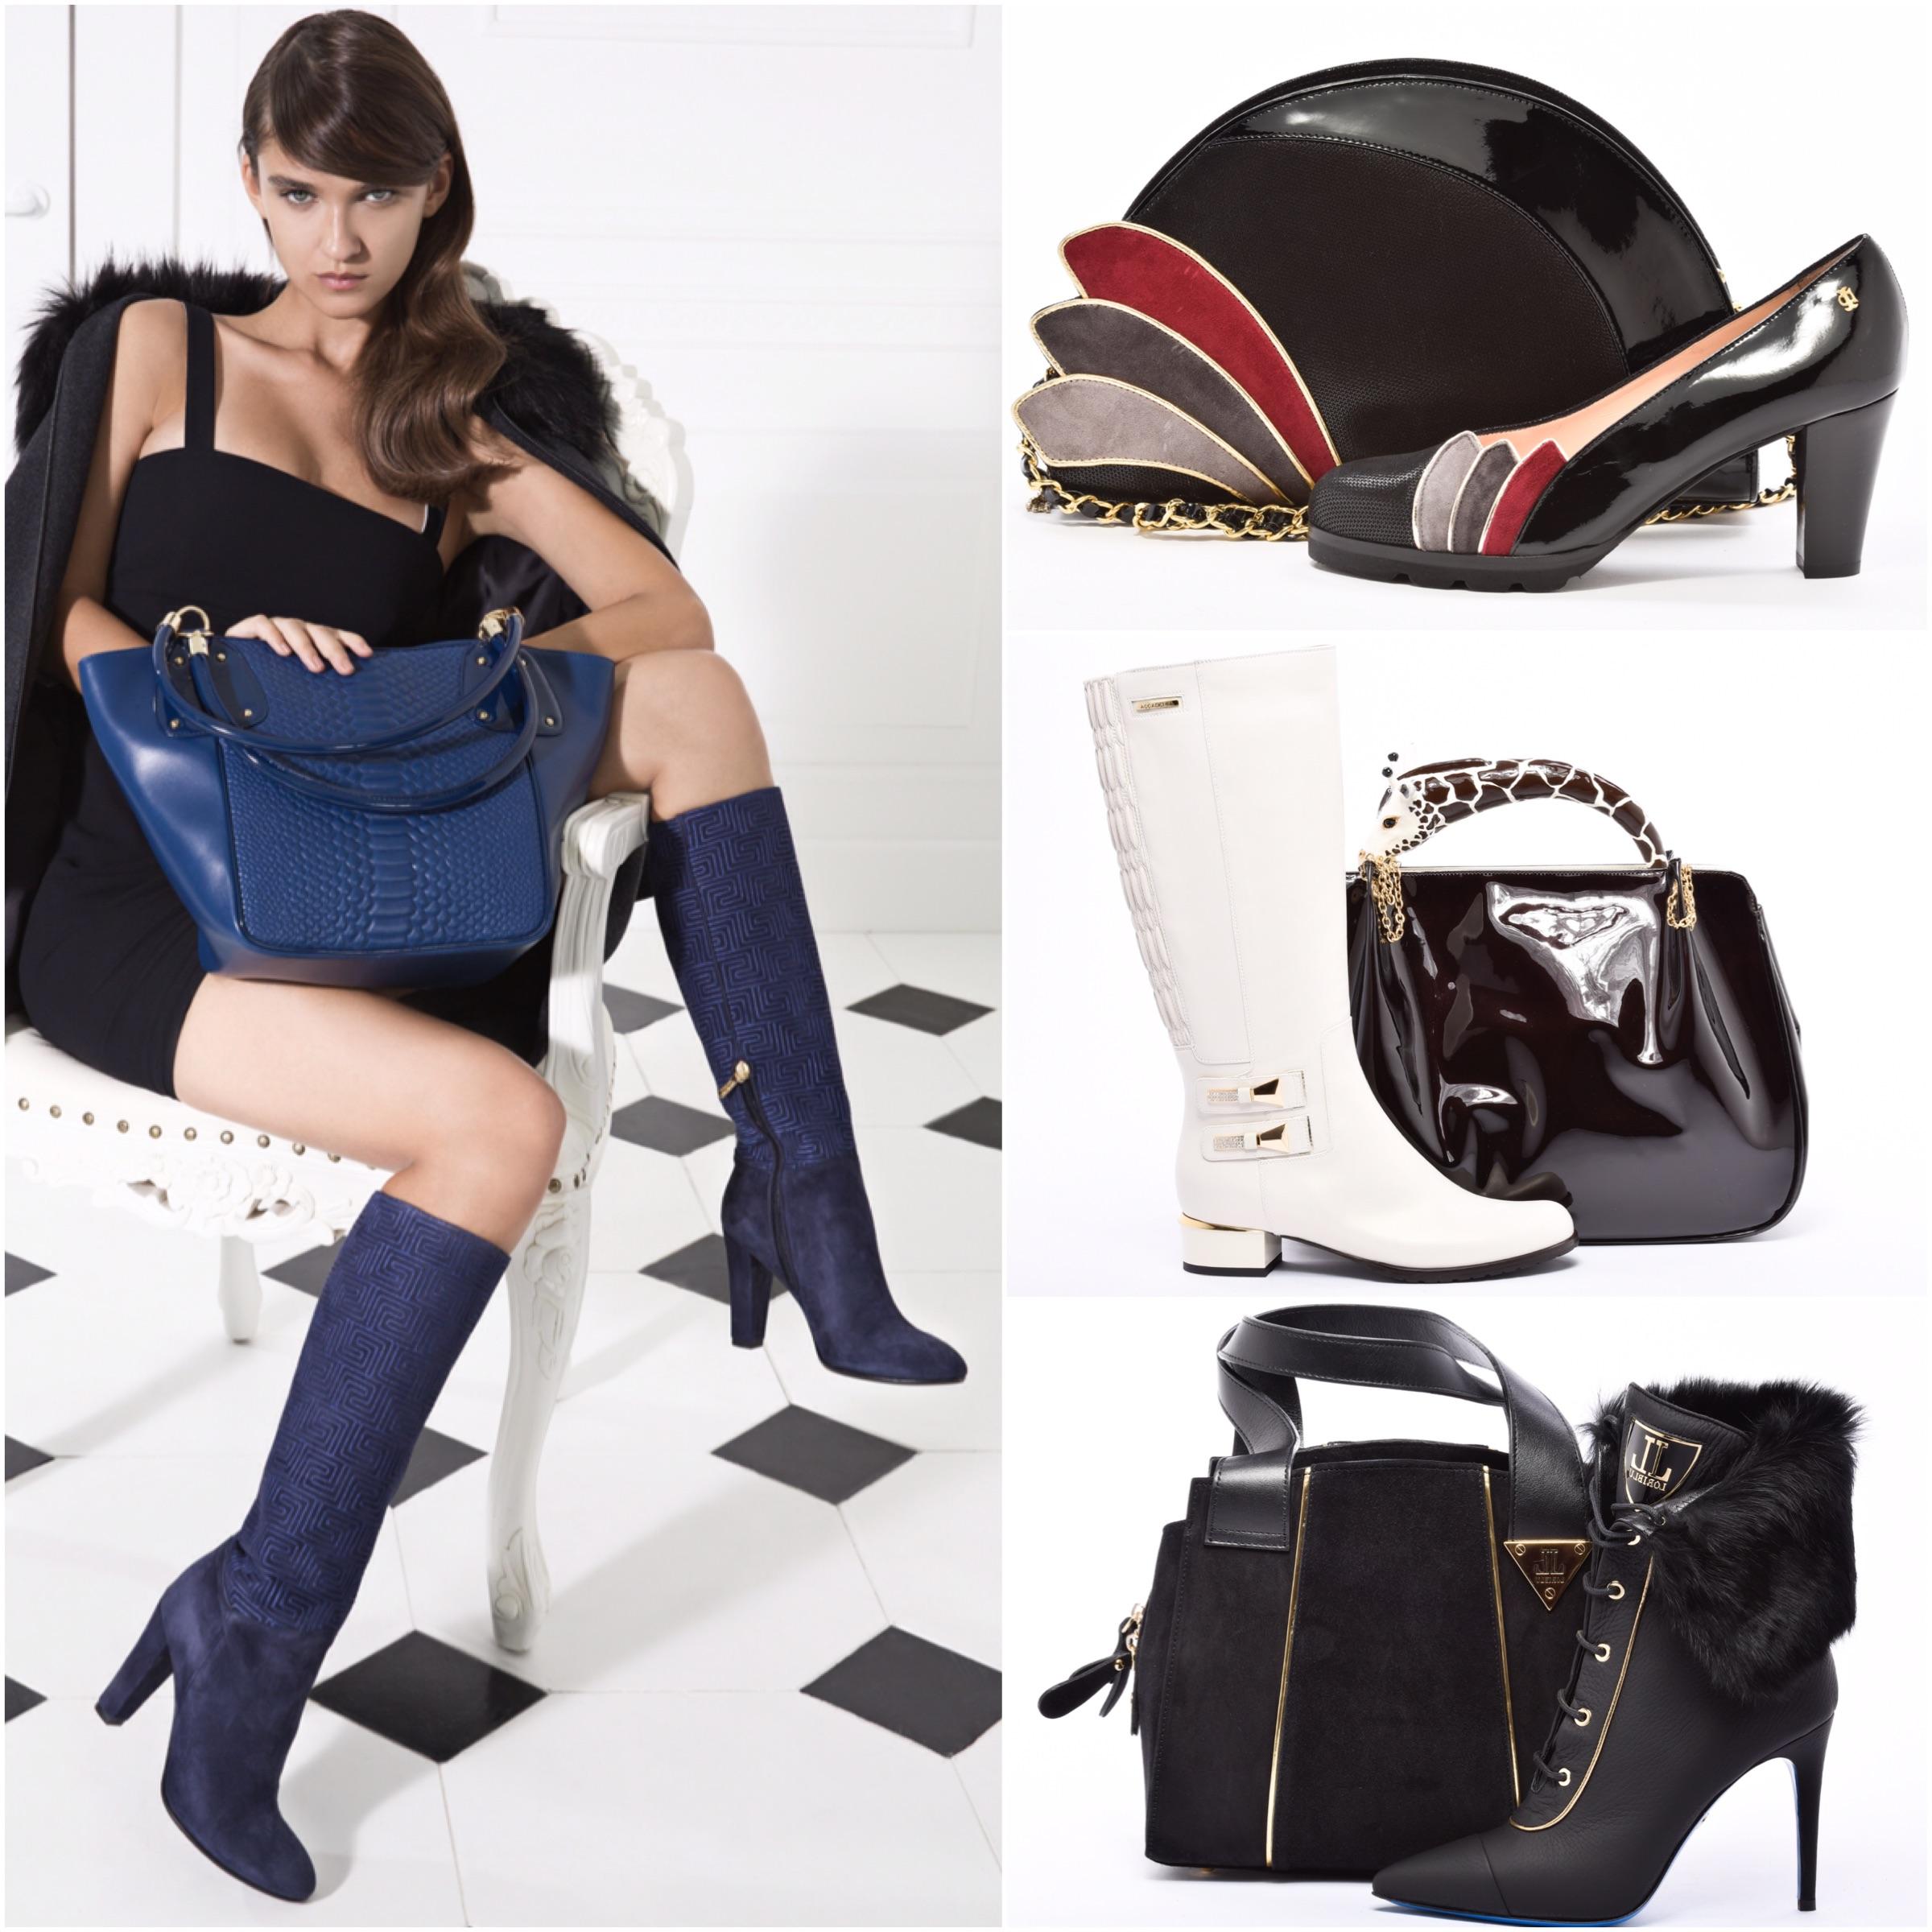 Правила подбора обуви и сумки: 6 признаков хорошего вкуса.